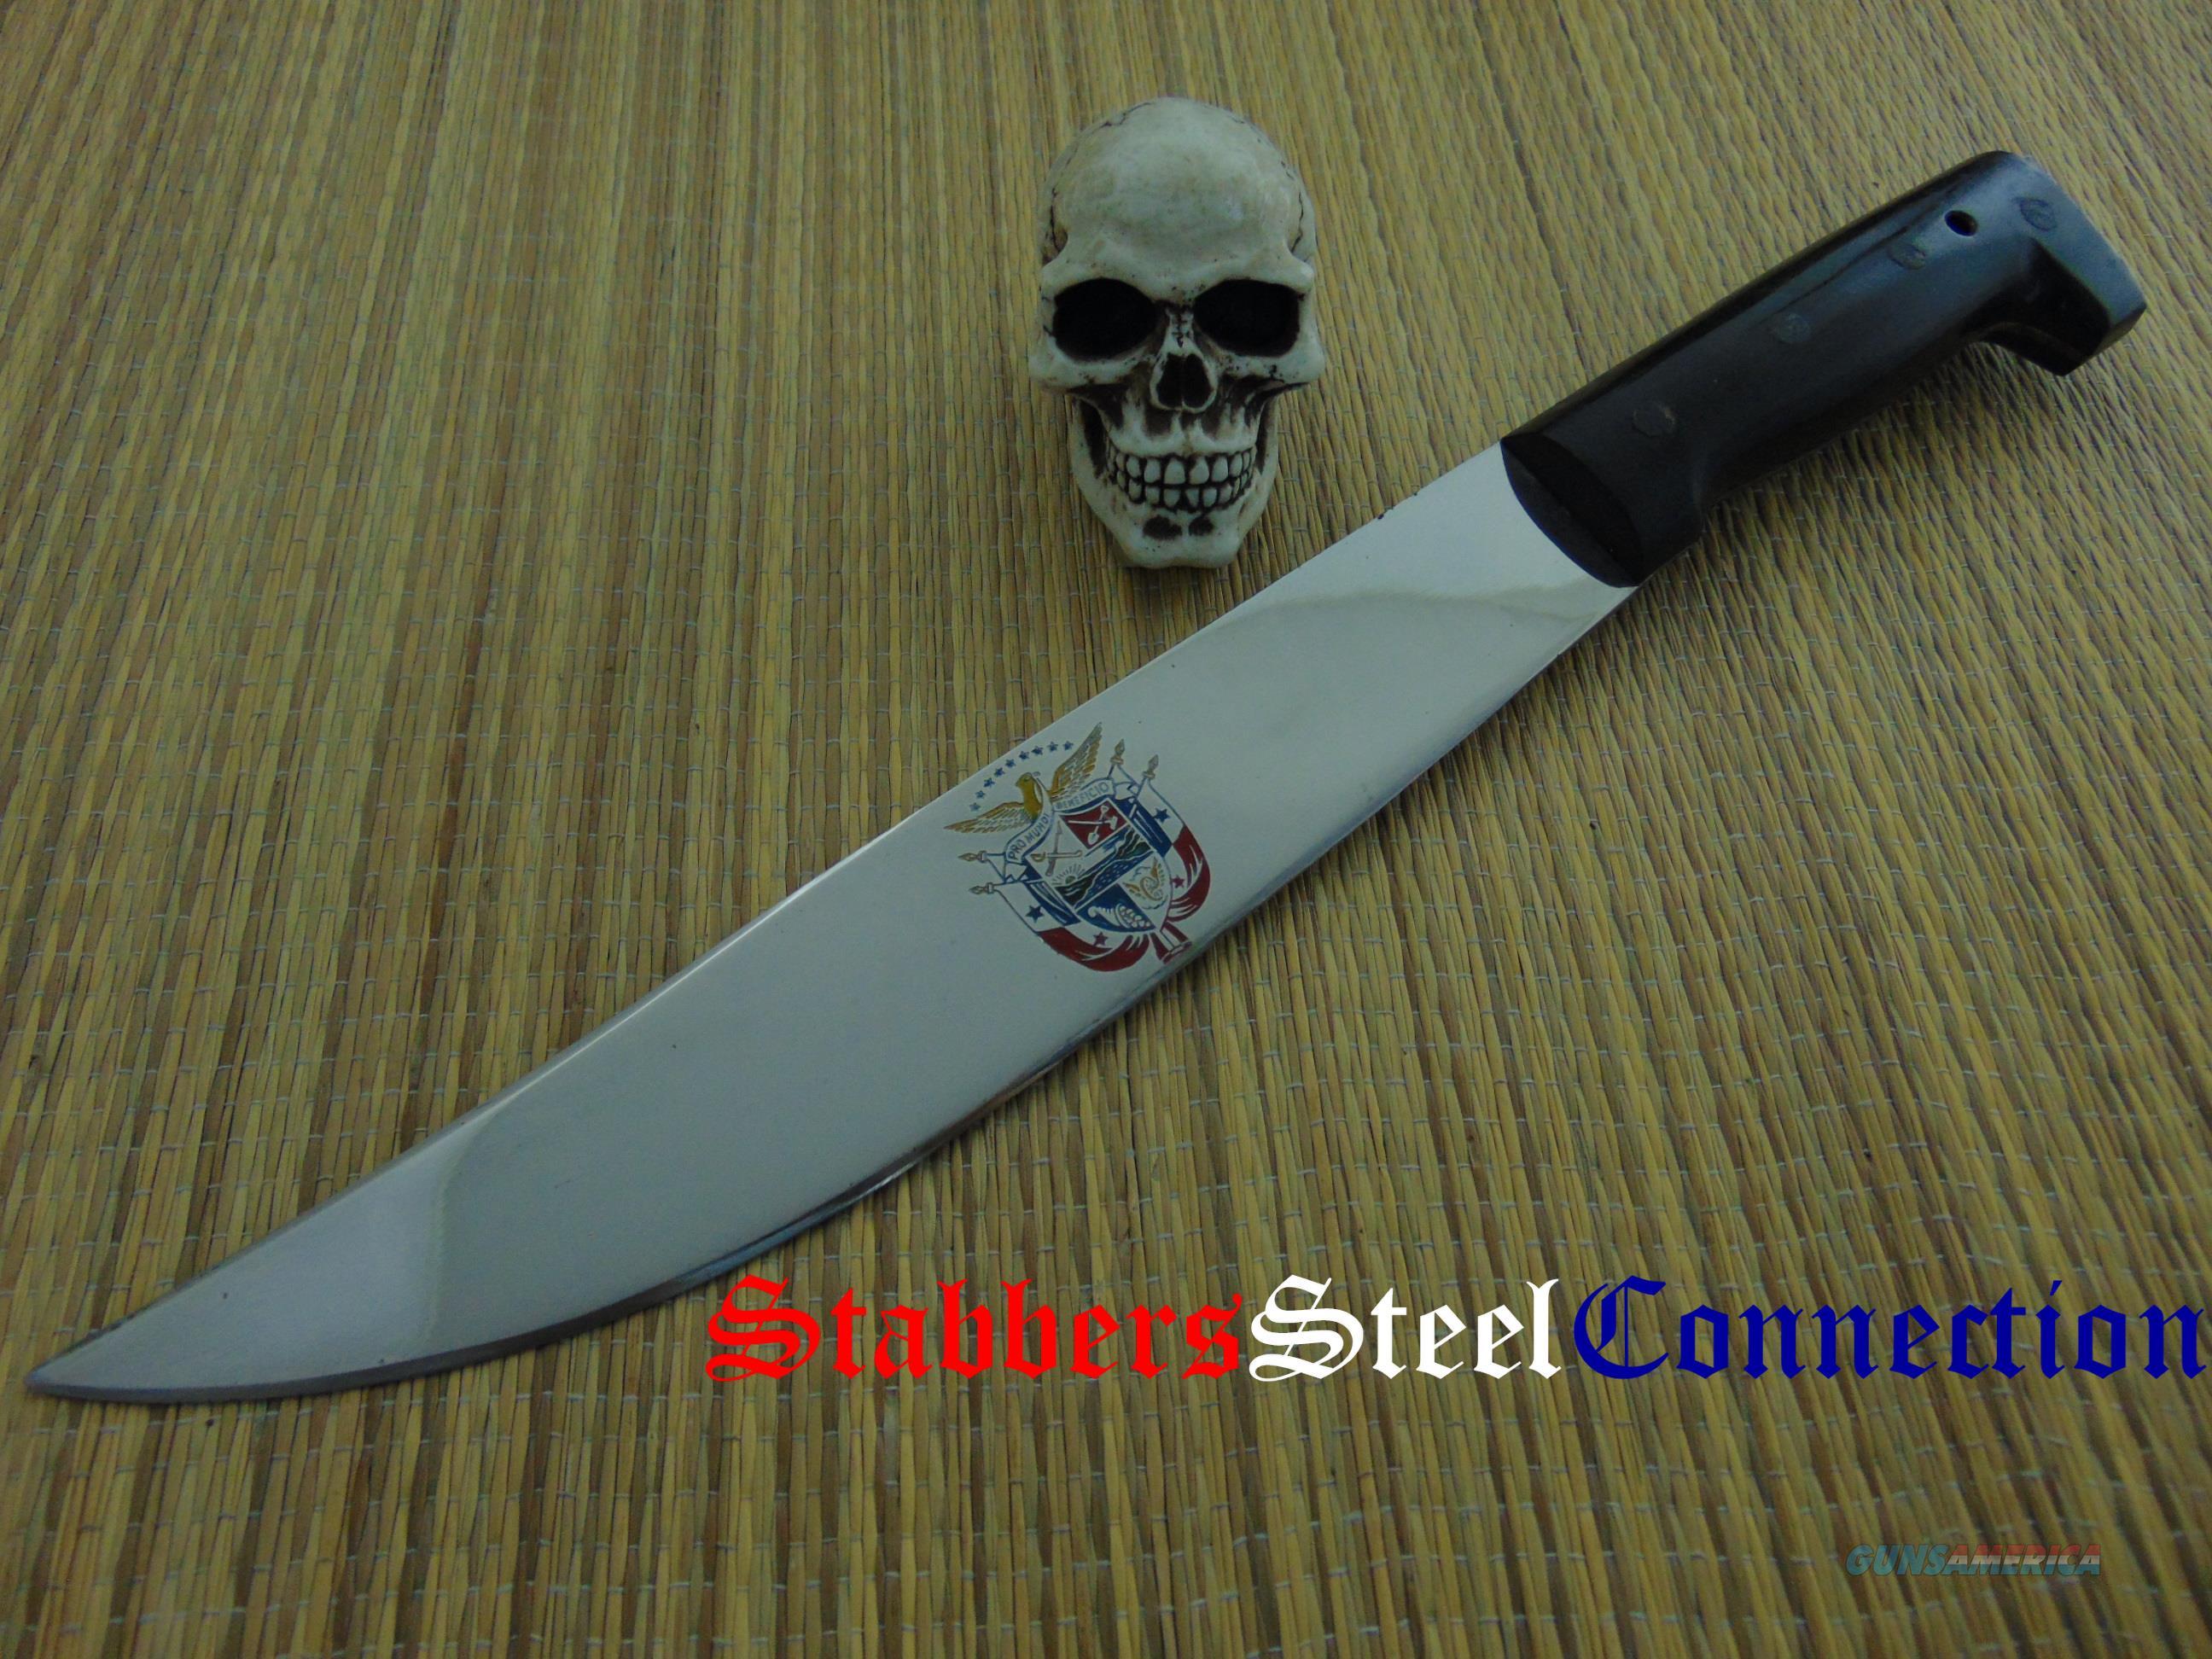 El Salvador Machete IMACASA mfg El Salvador National Crest  Non-Guns > Knives/Swords > Knives > Fixed Blade > Imported